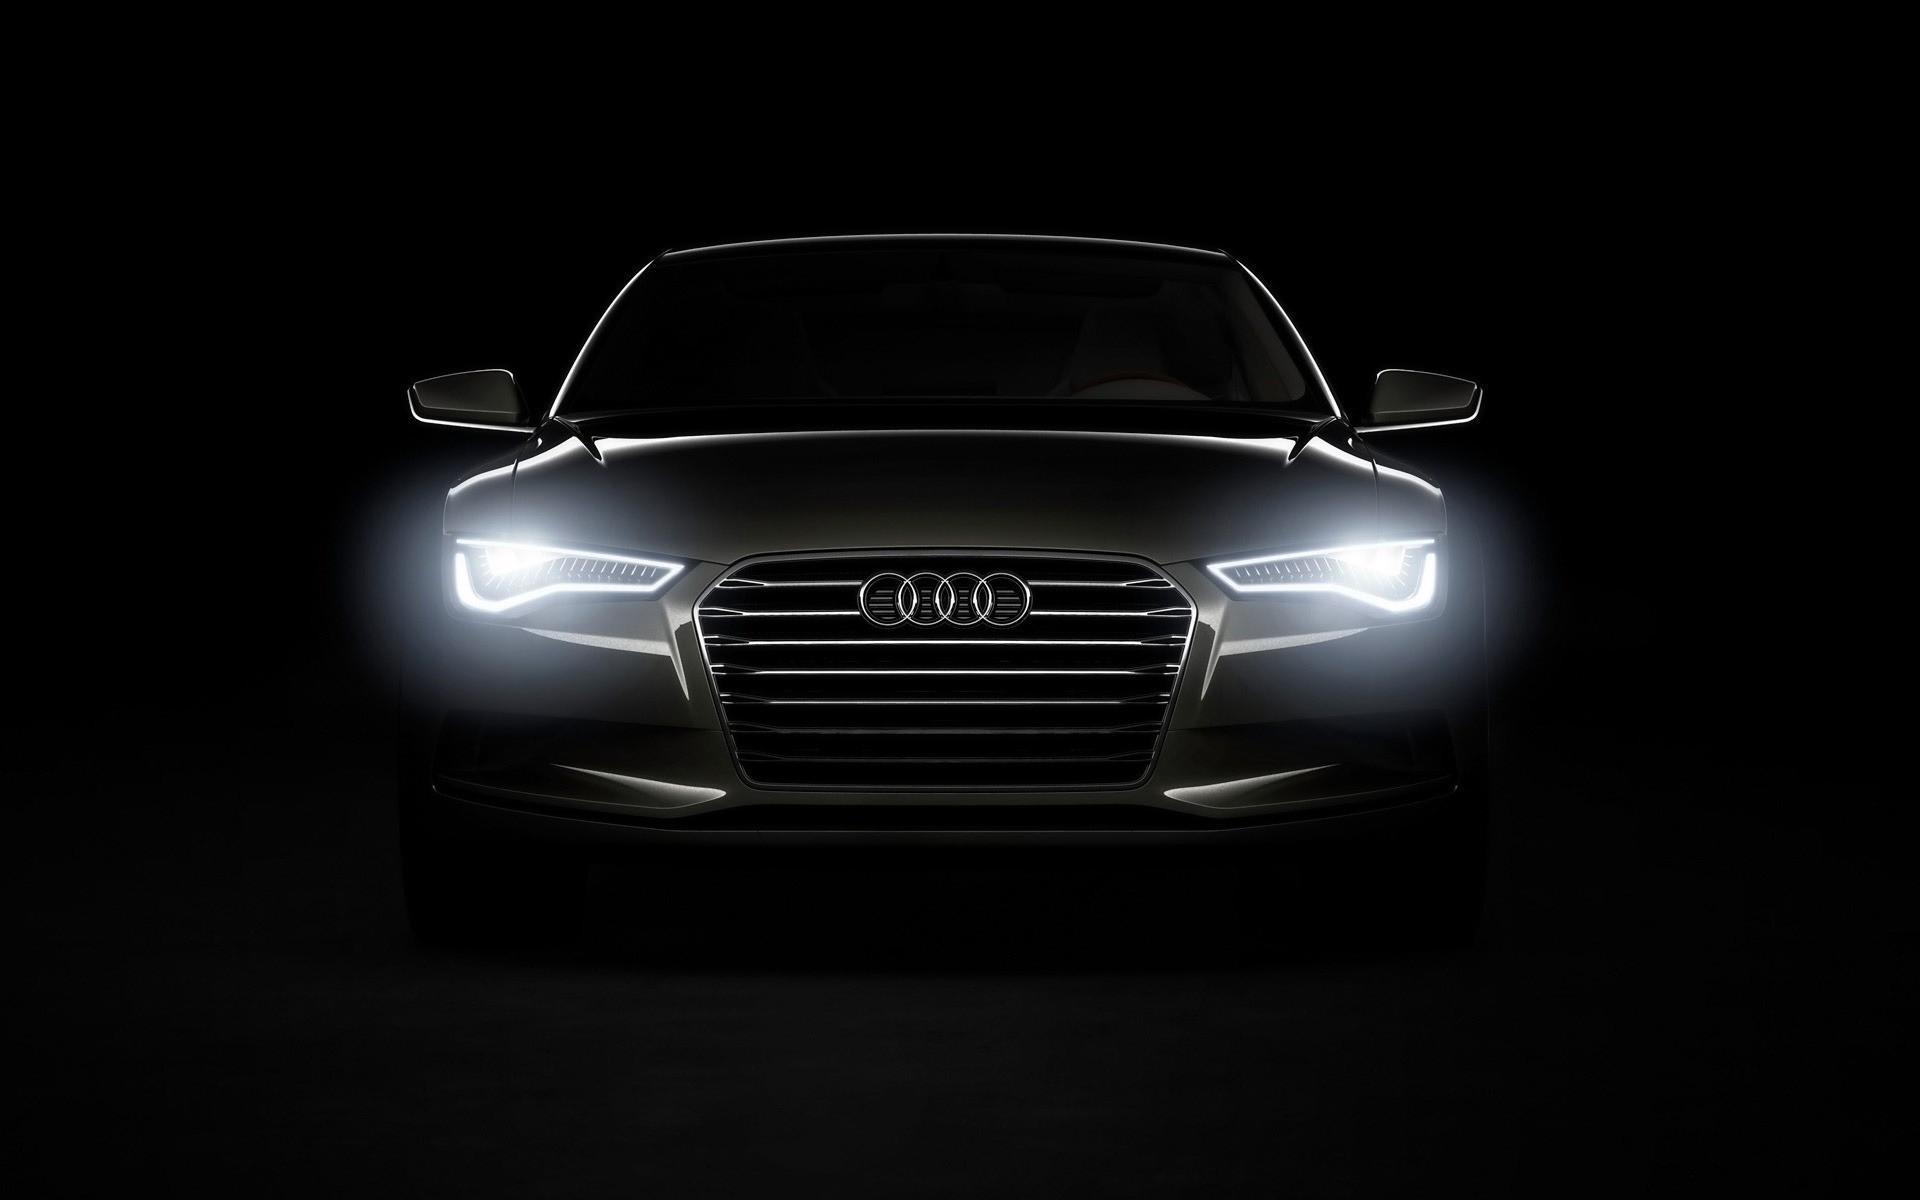 41091 скачать обои Транспорт, Машины, Ауди (Audi) - заставки и картинки бесплатно